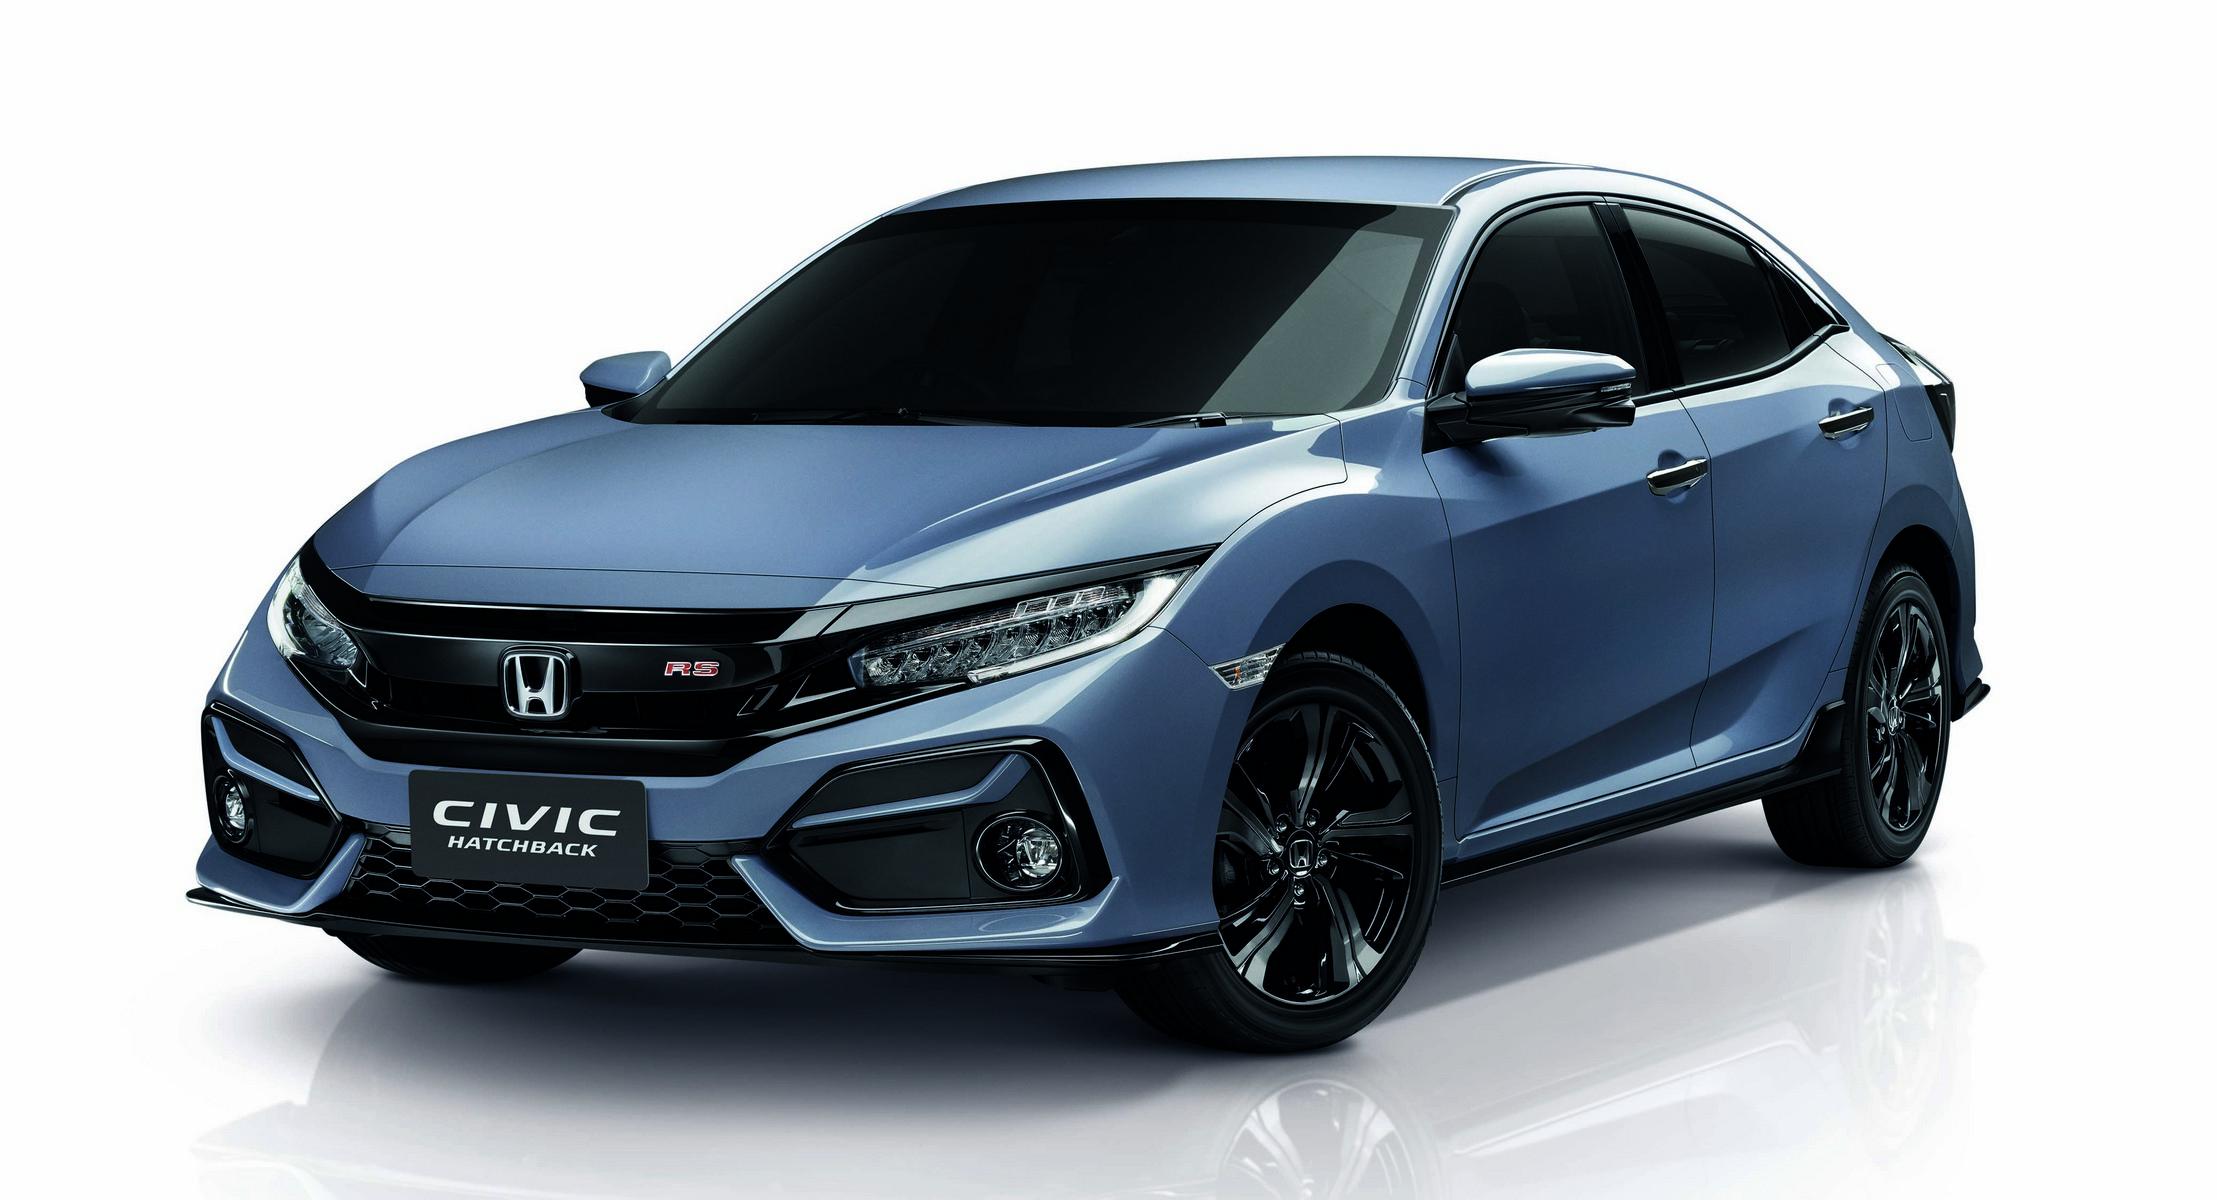 ฮอนด้า Honda-Civic 1.5 VTEC TURBO Hatchback MY19-ปี 2019